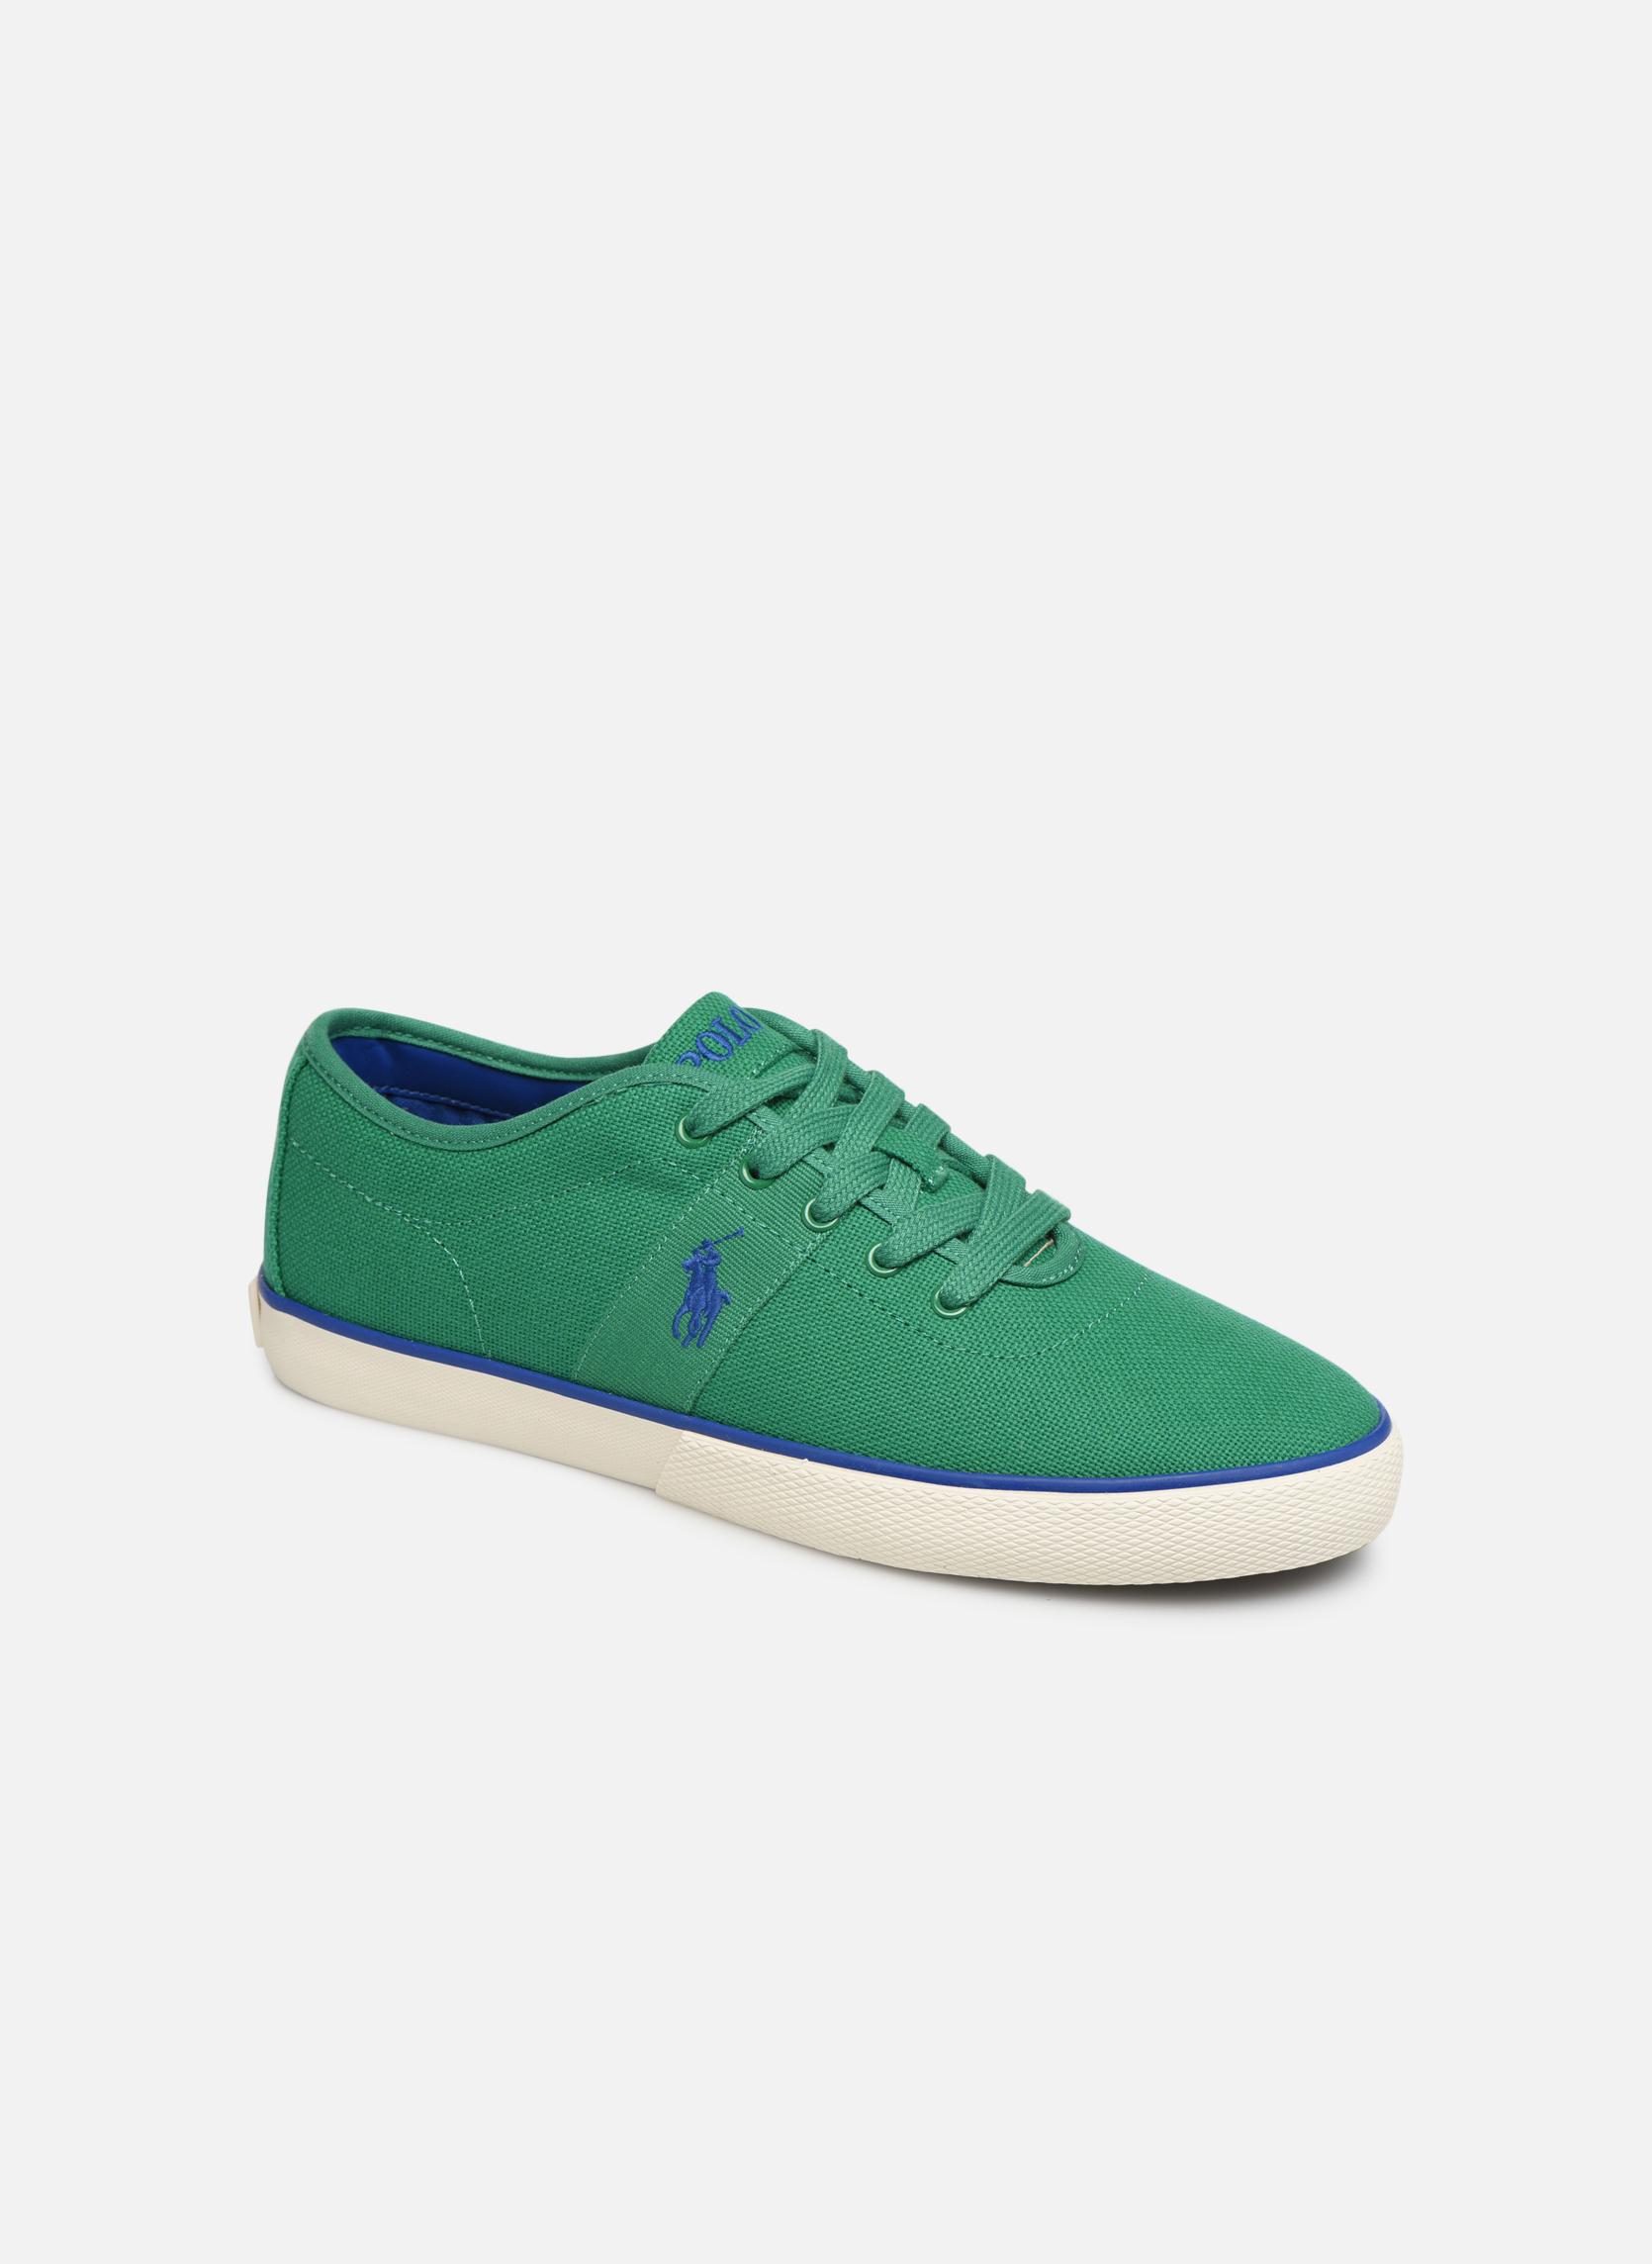 Sneakers Polo Ralph Lauren Groen